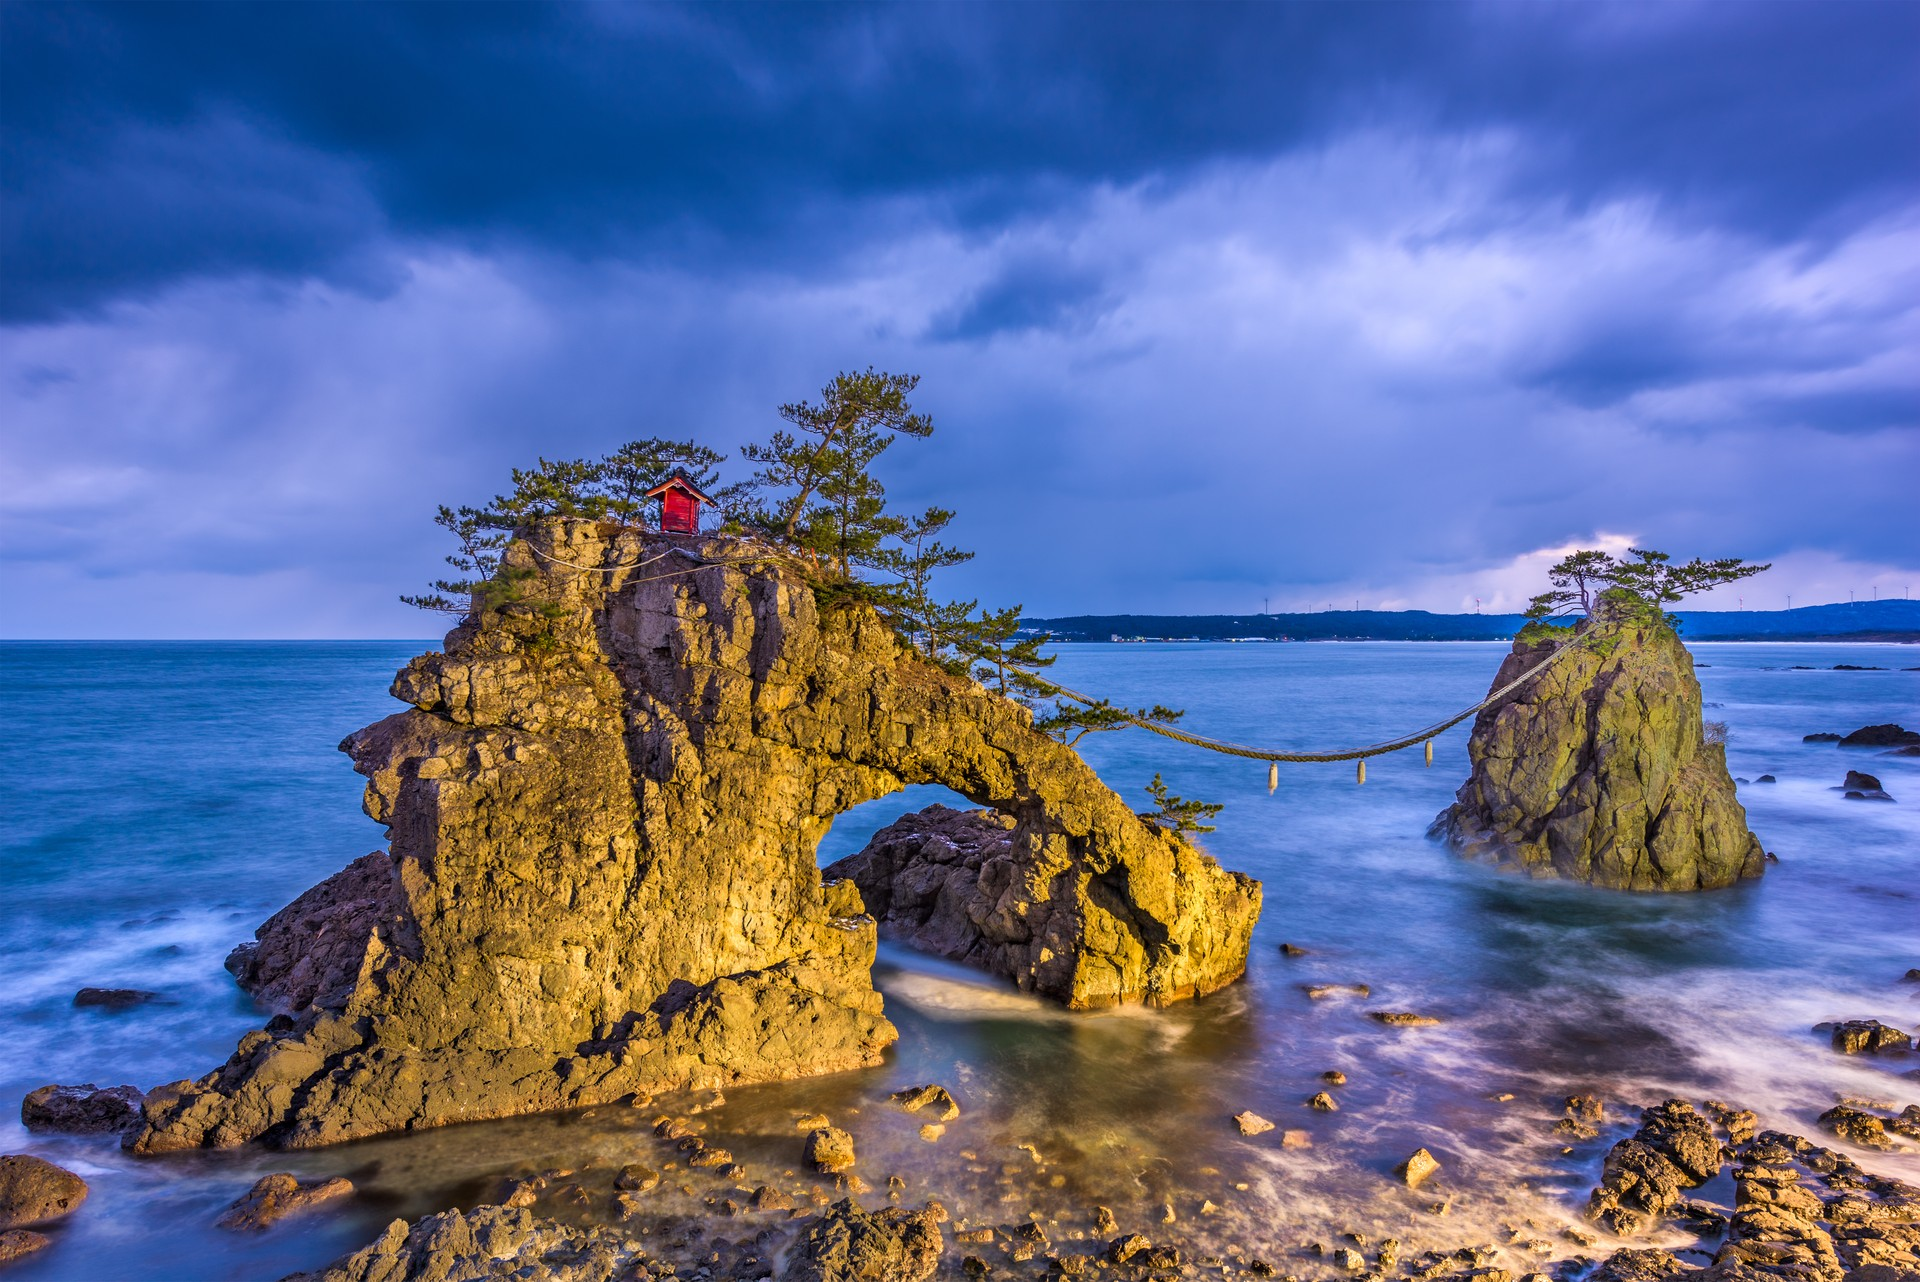 Noto Peninsula Japan